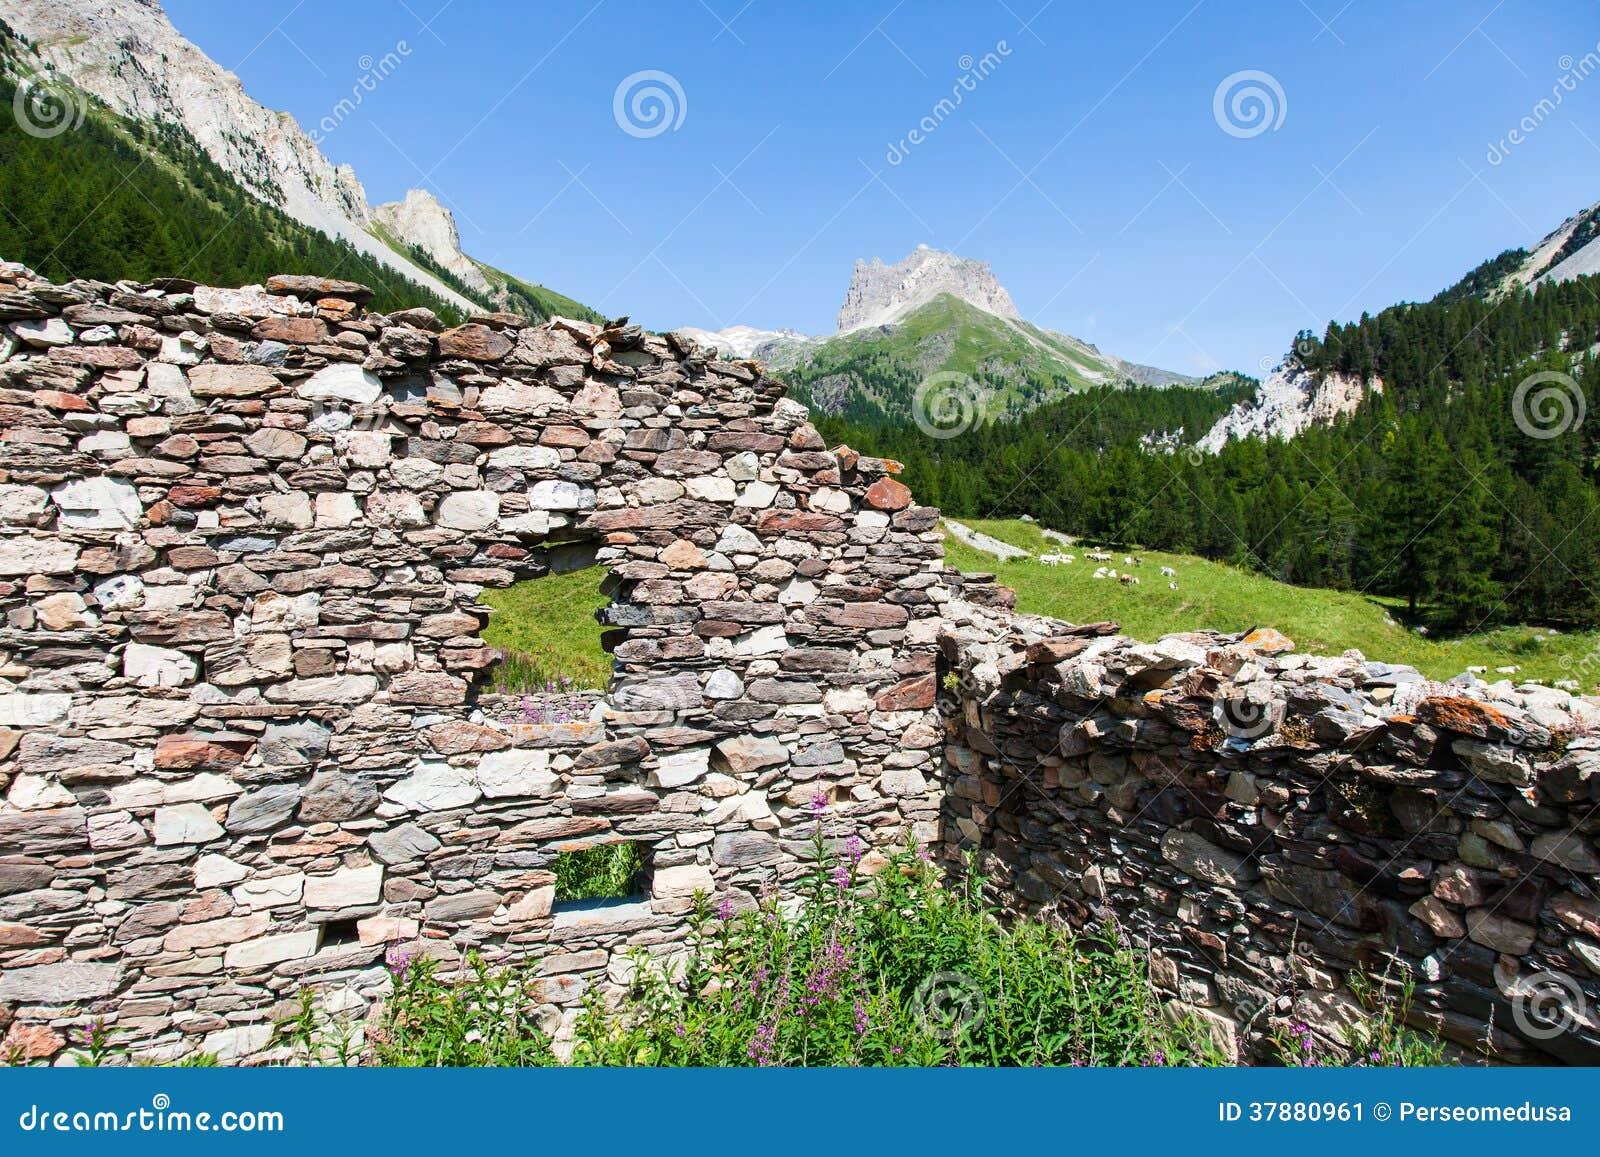 Italiaanse Alpen